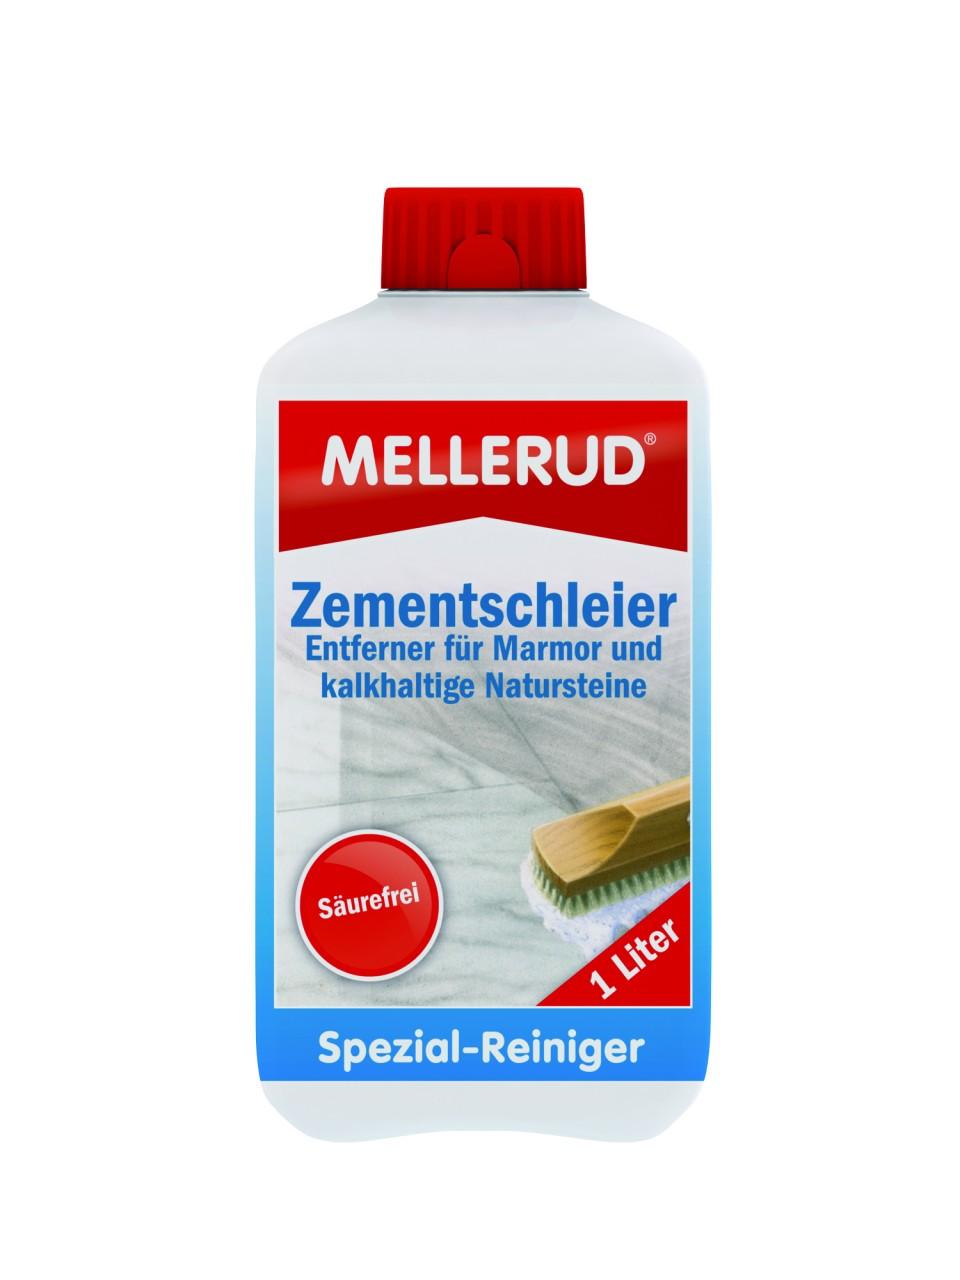 MELLERUD Zementschleier Entferner für Marmor und kalkhaltige Natursteine 1,0 l